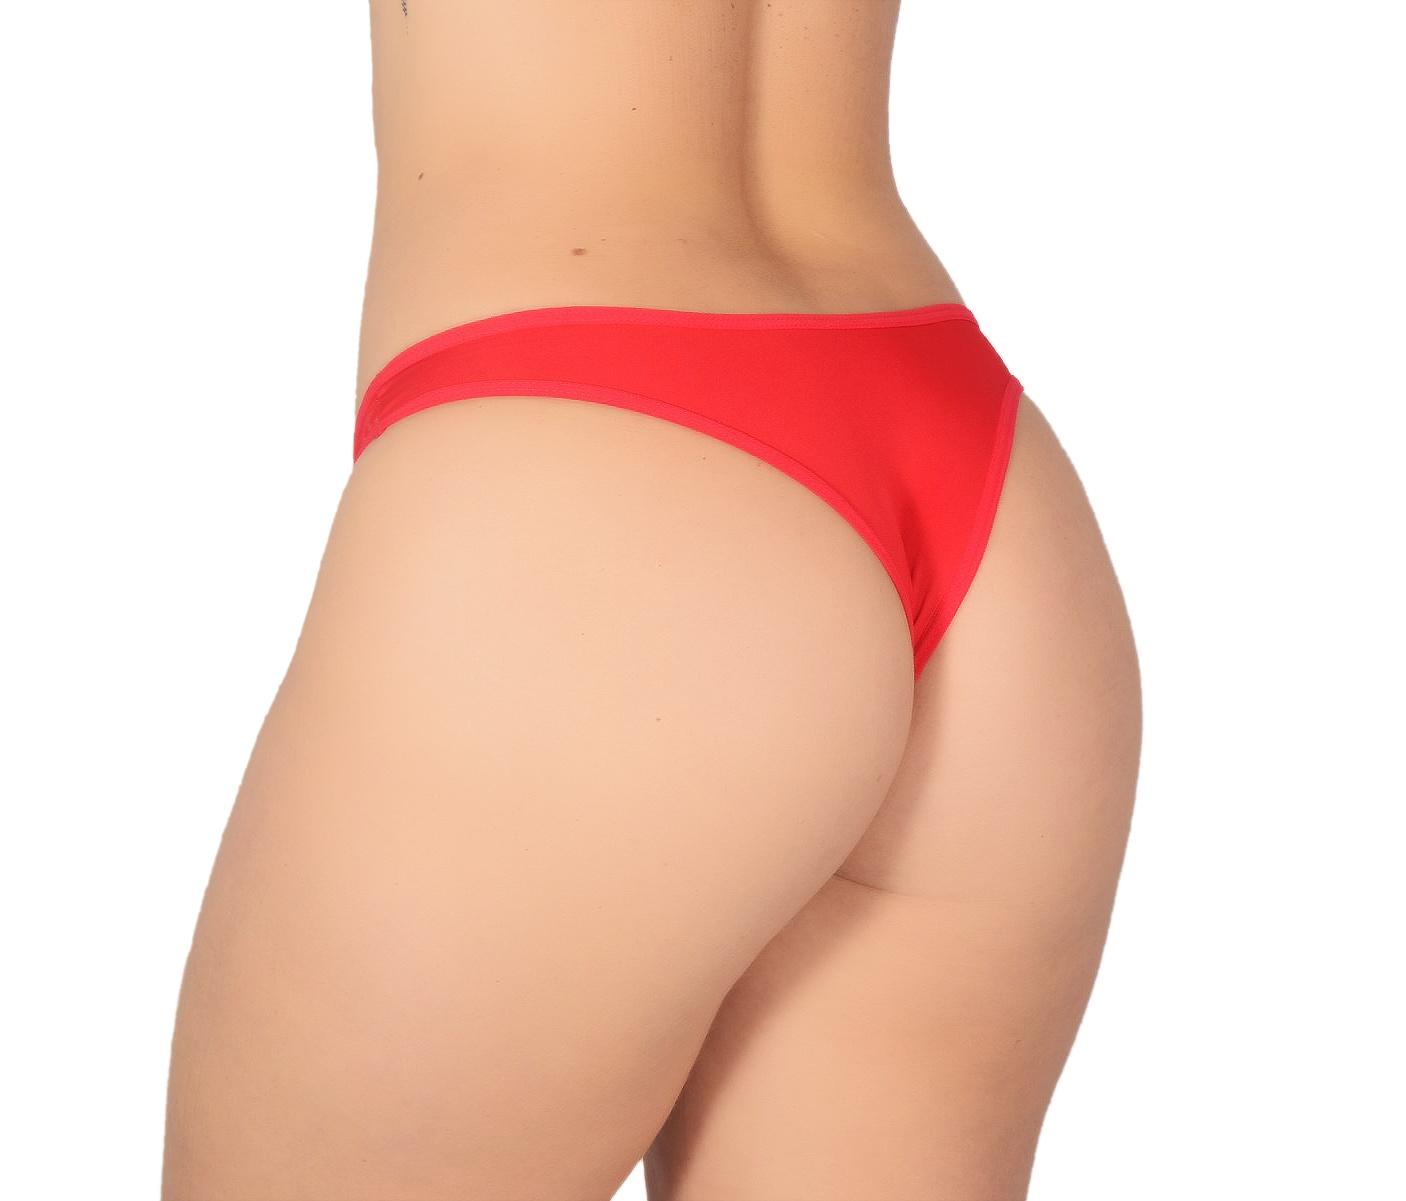 TANGA EM RENDA E ROMANTIC GABRIELA  - Fribasex - Fabricasex.com